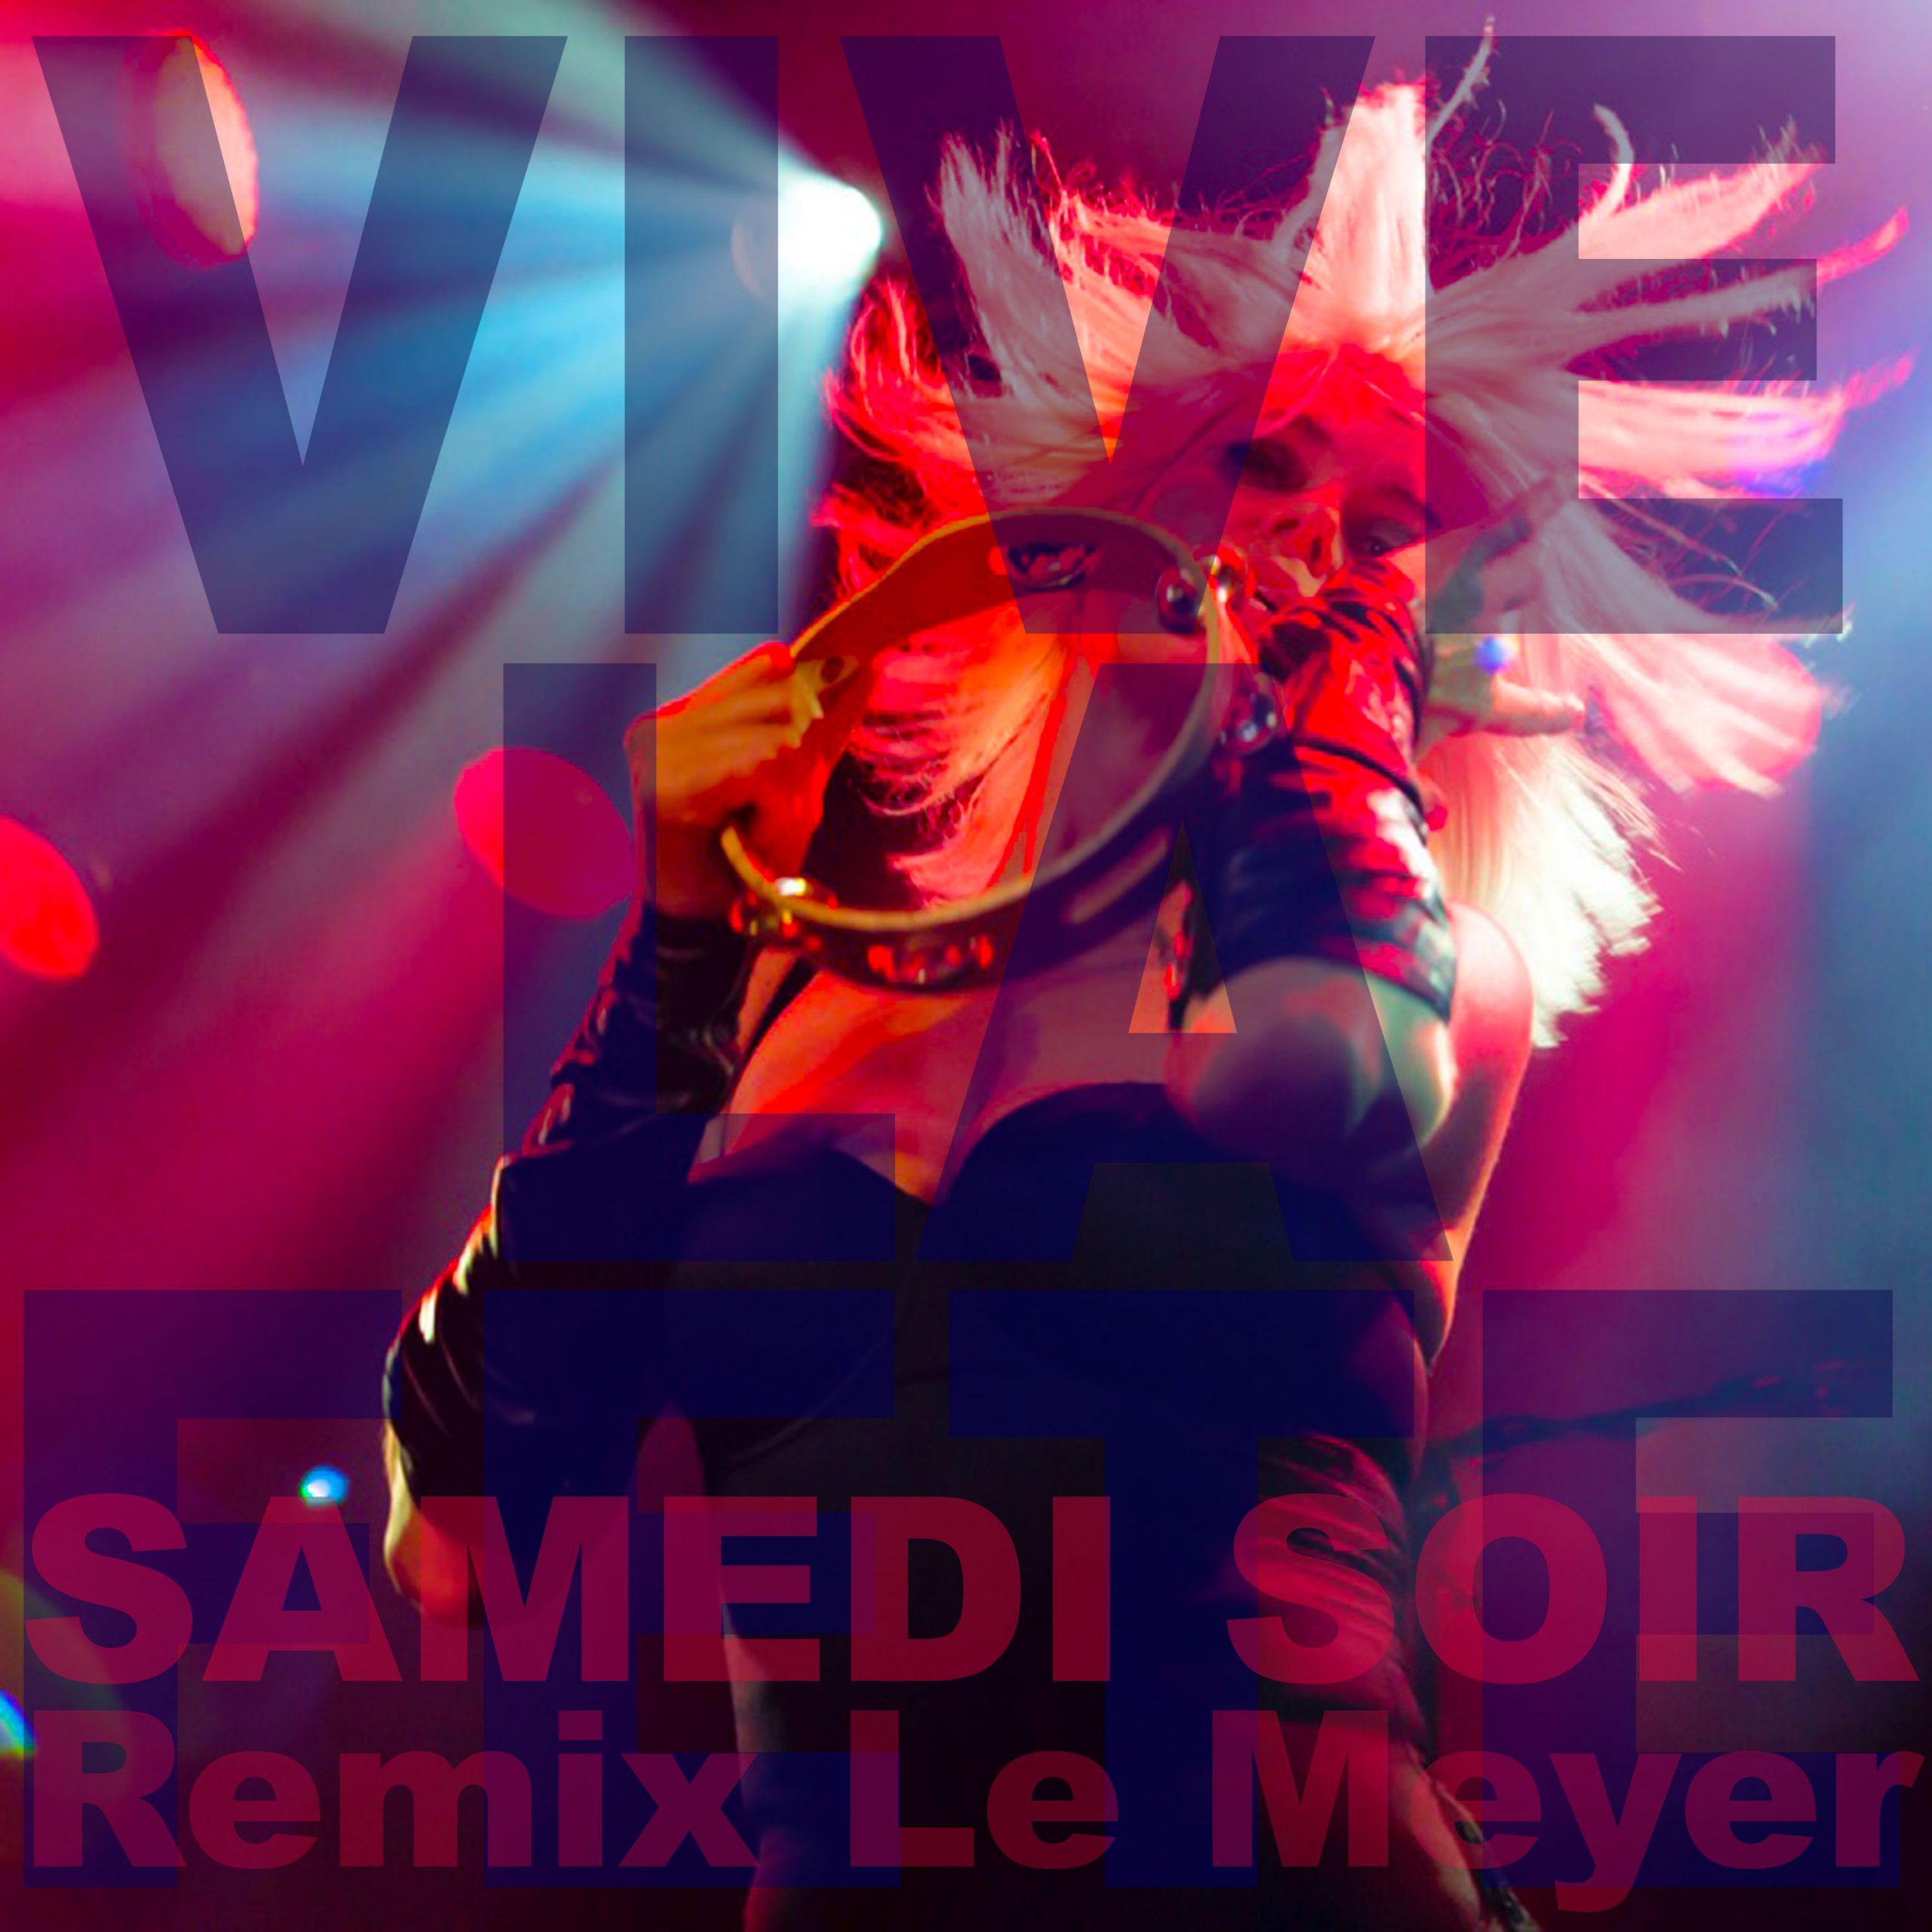 Vive la Fete - Samedi Sour (Remix)